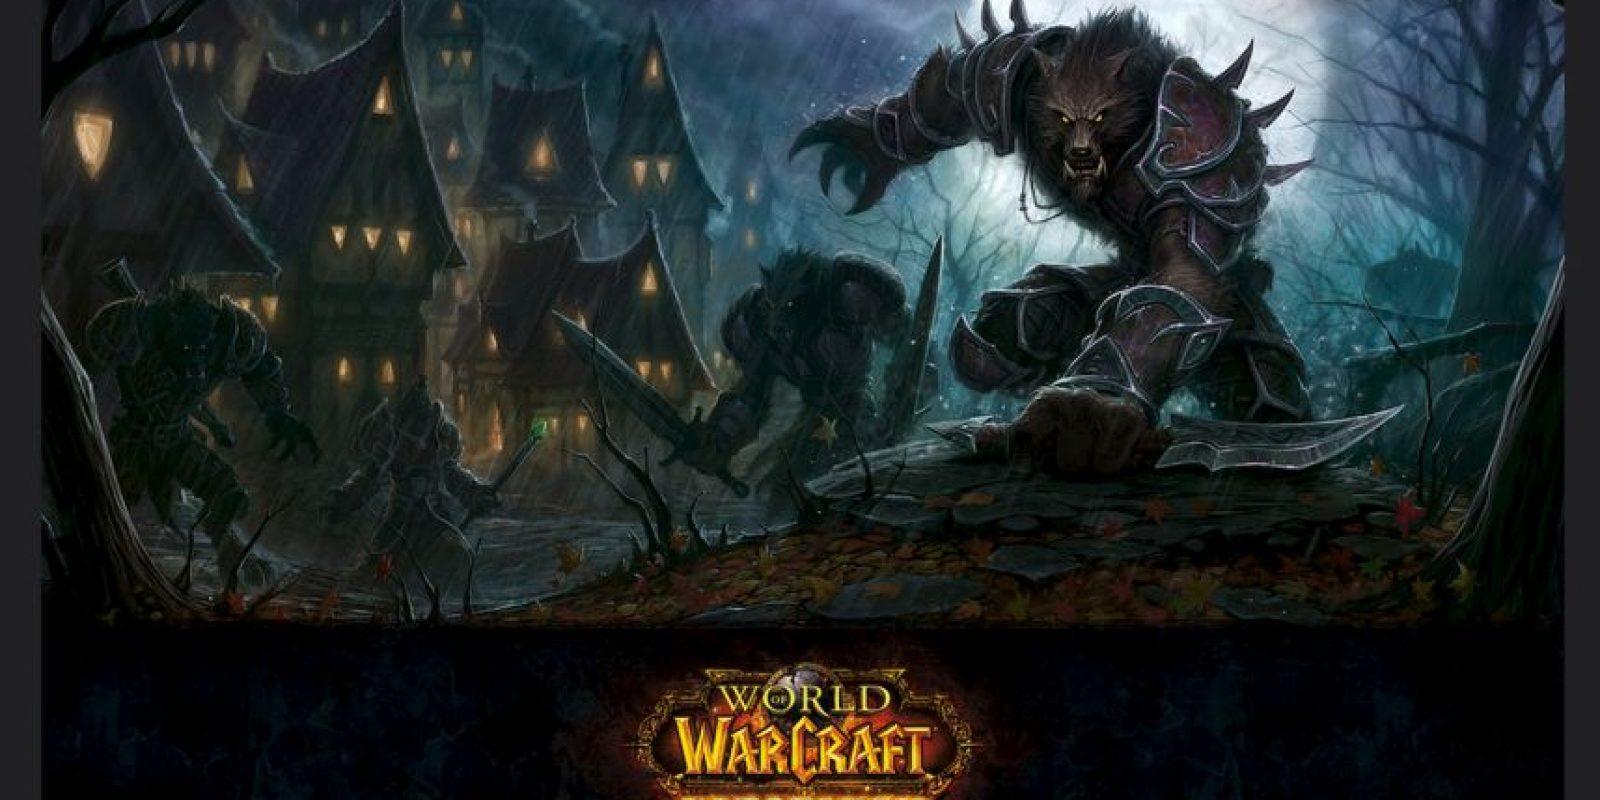 World of Warcraft es un videojuego de rol multijugador masivo en línea muy popular y viral Foto:flickr.com/photos/sobcontrollers/